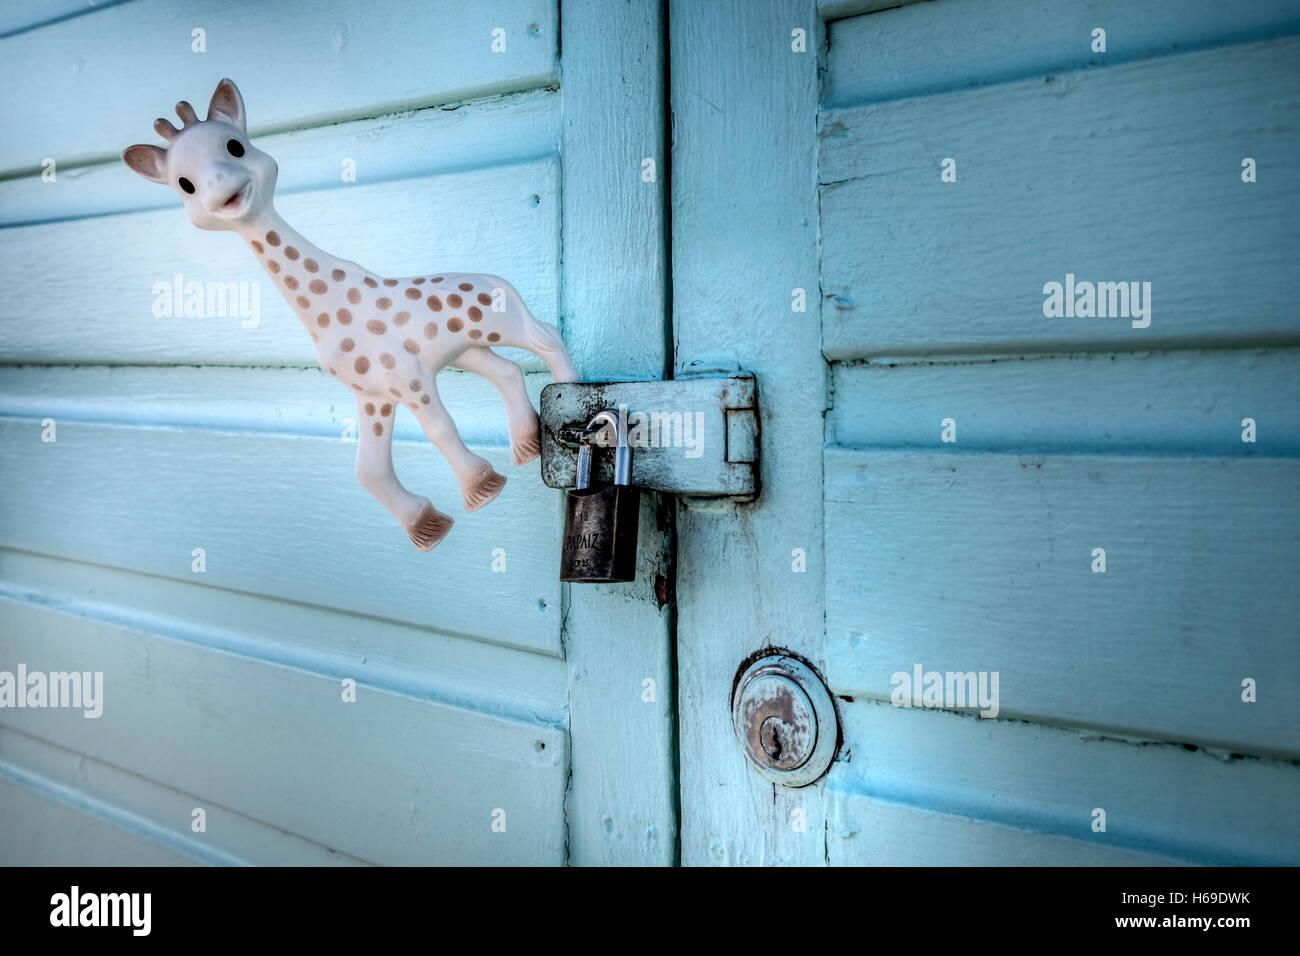 Un juguete jirafa colgando de un pad puerta cerrada Imagen De Stock